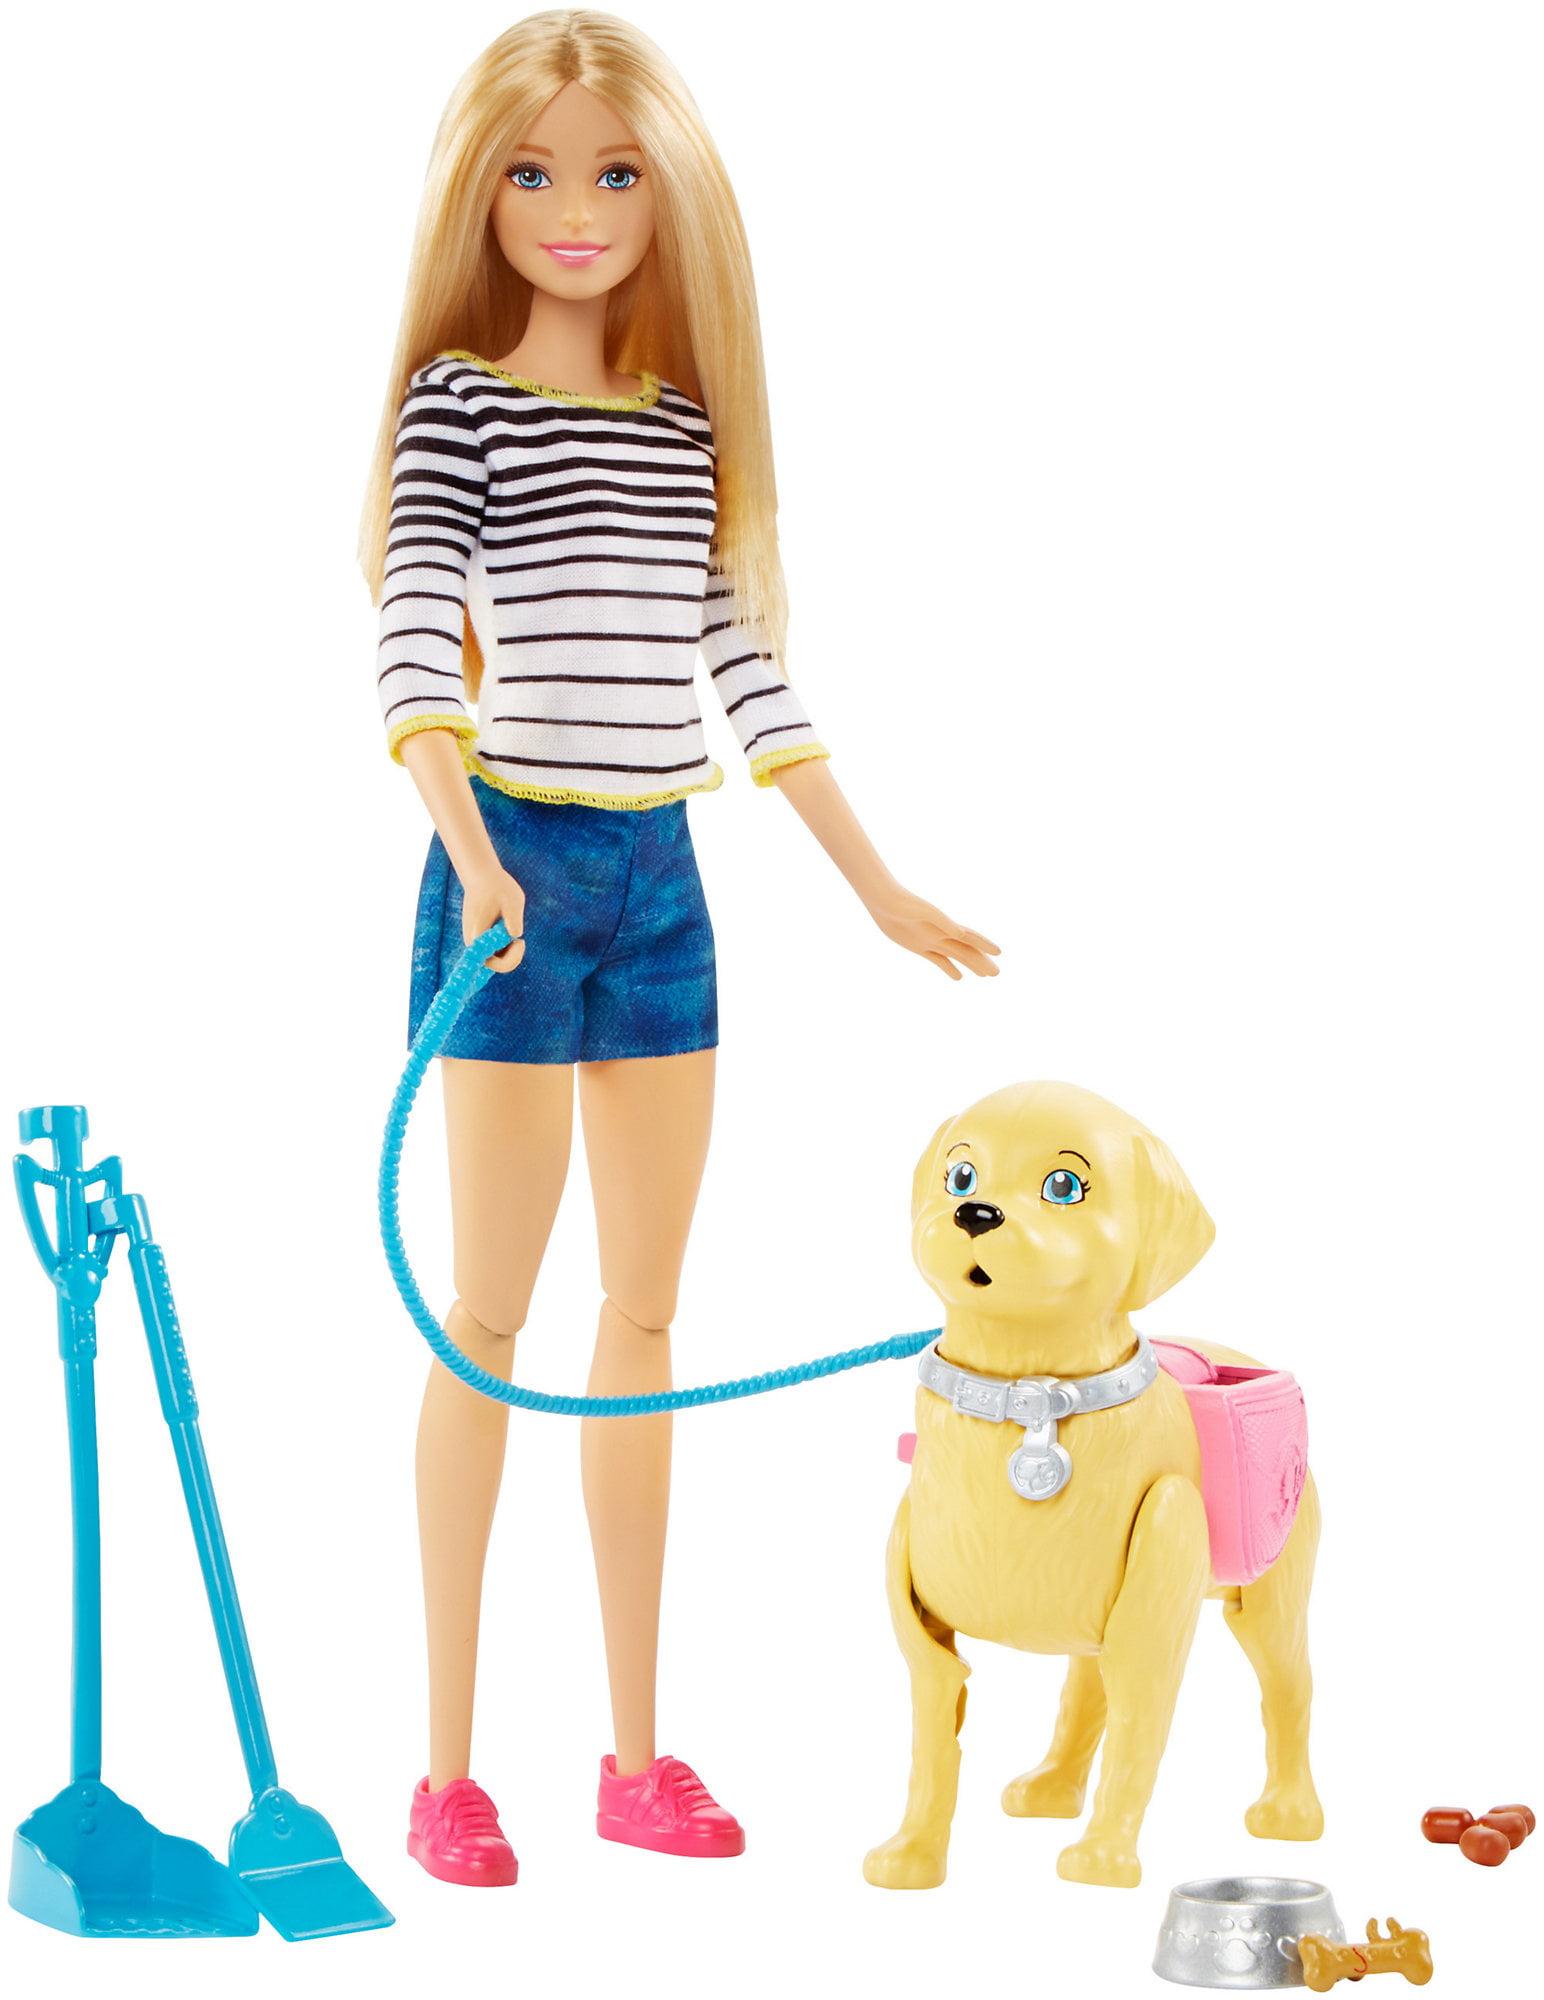 Barbie Walk & Potty Pup Doll by Mattel